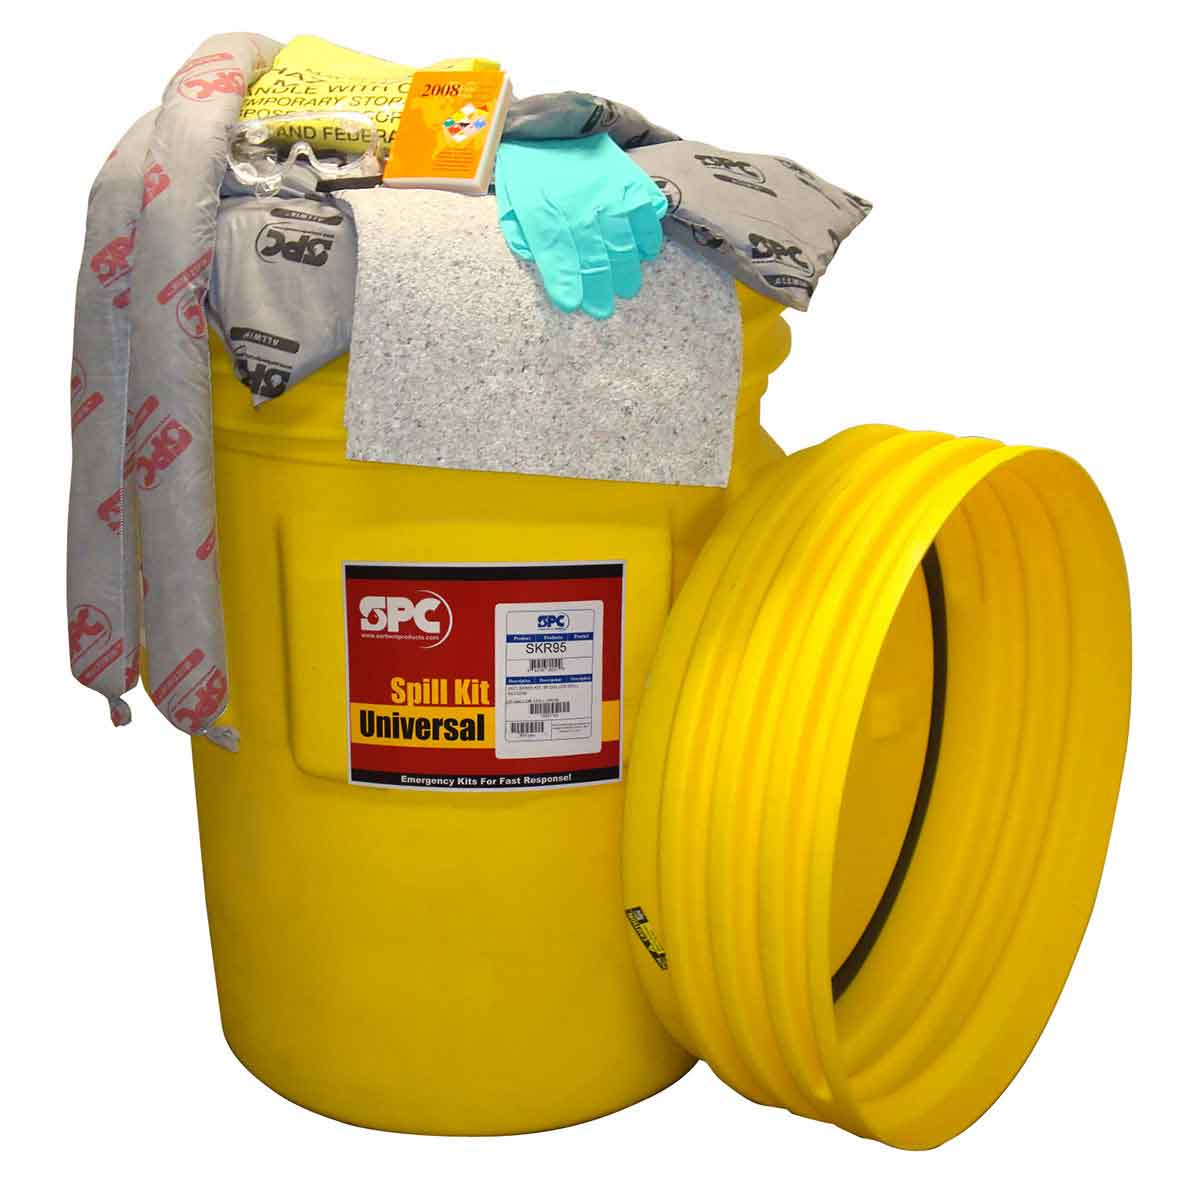 BRADY SKR-95 Spill Kit, 95GA Drum,Univ,1 KT